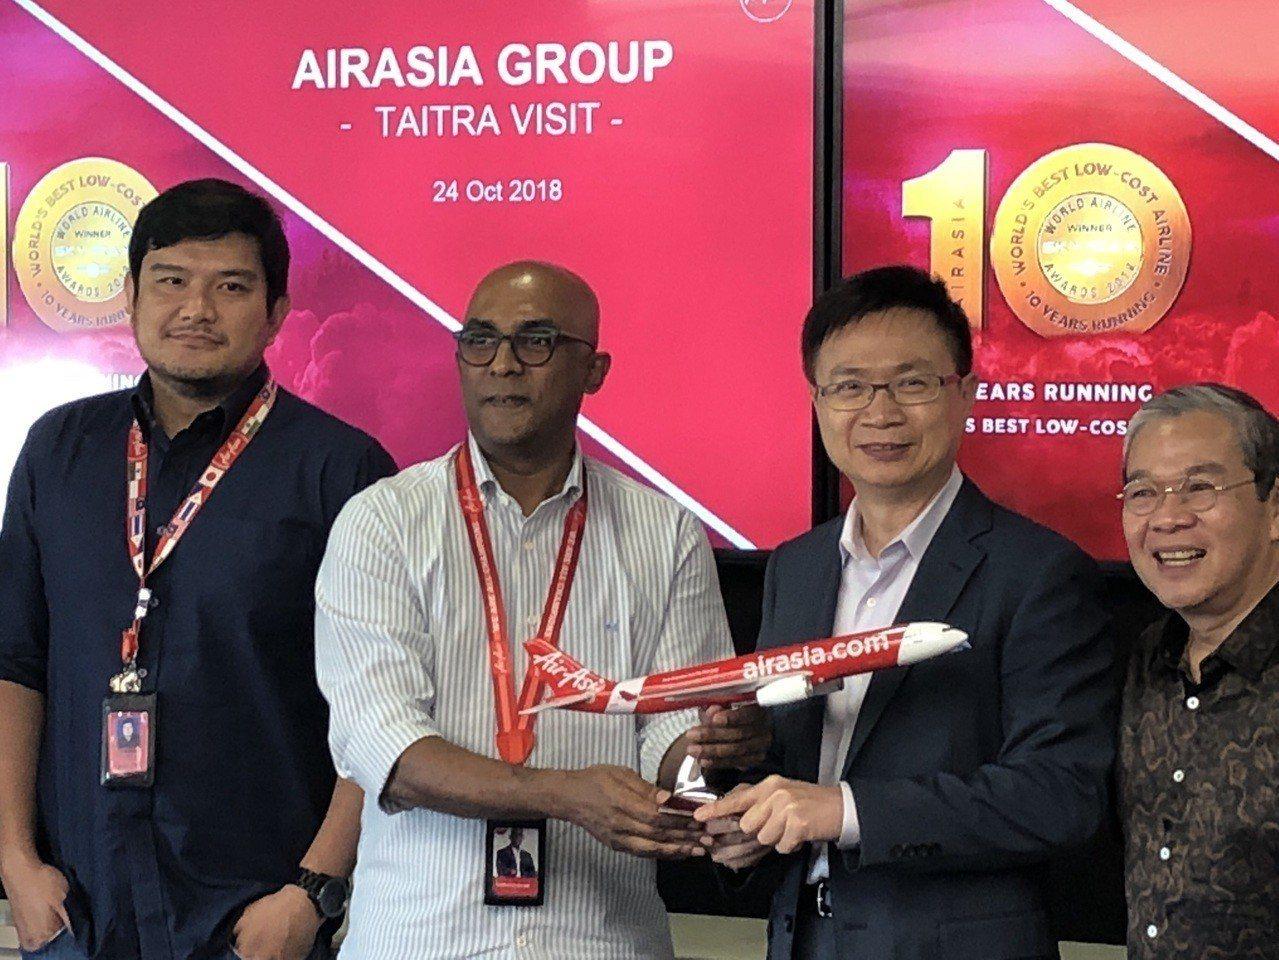 外貿協會董事長黃志芳昨(24)日於吉隆坡拜訪馬來西亞亞洲航空(AirAsia)集...